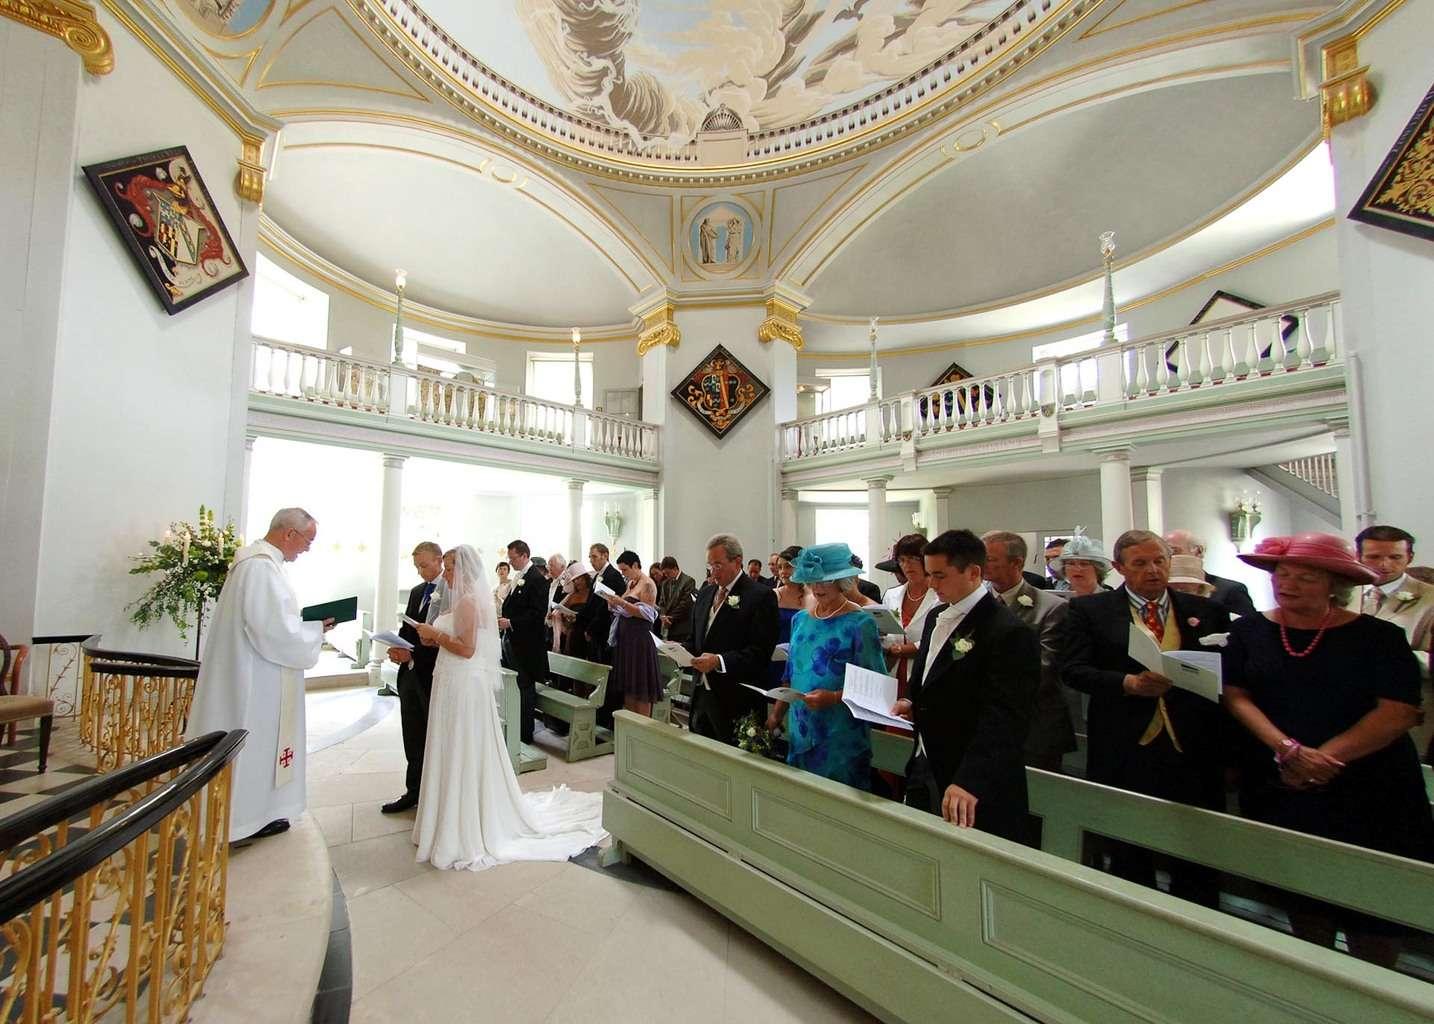 Lulworth Chapel wedding photography